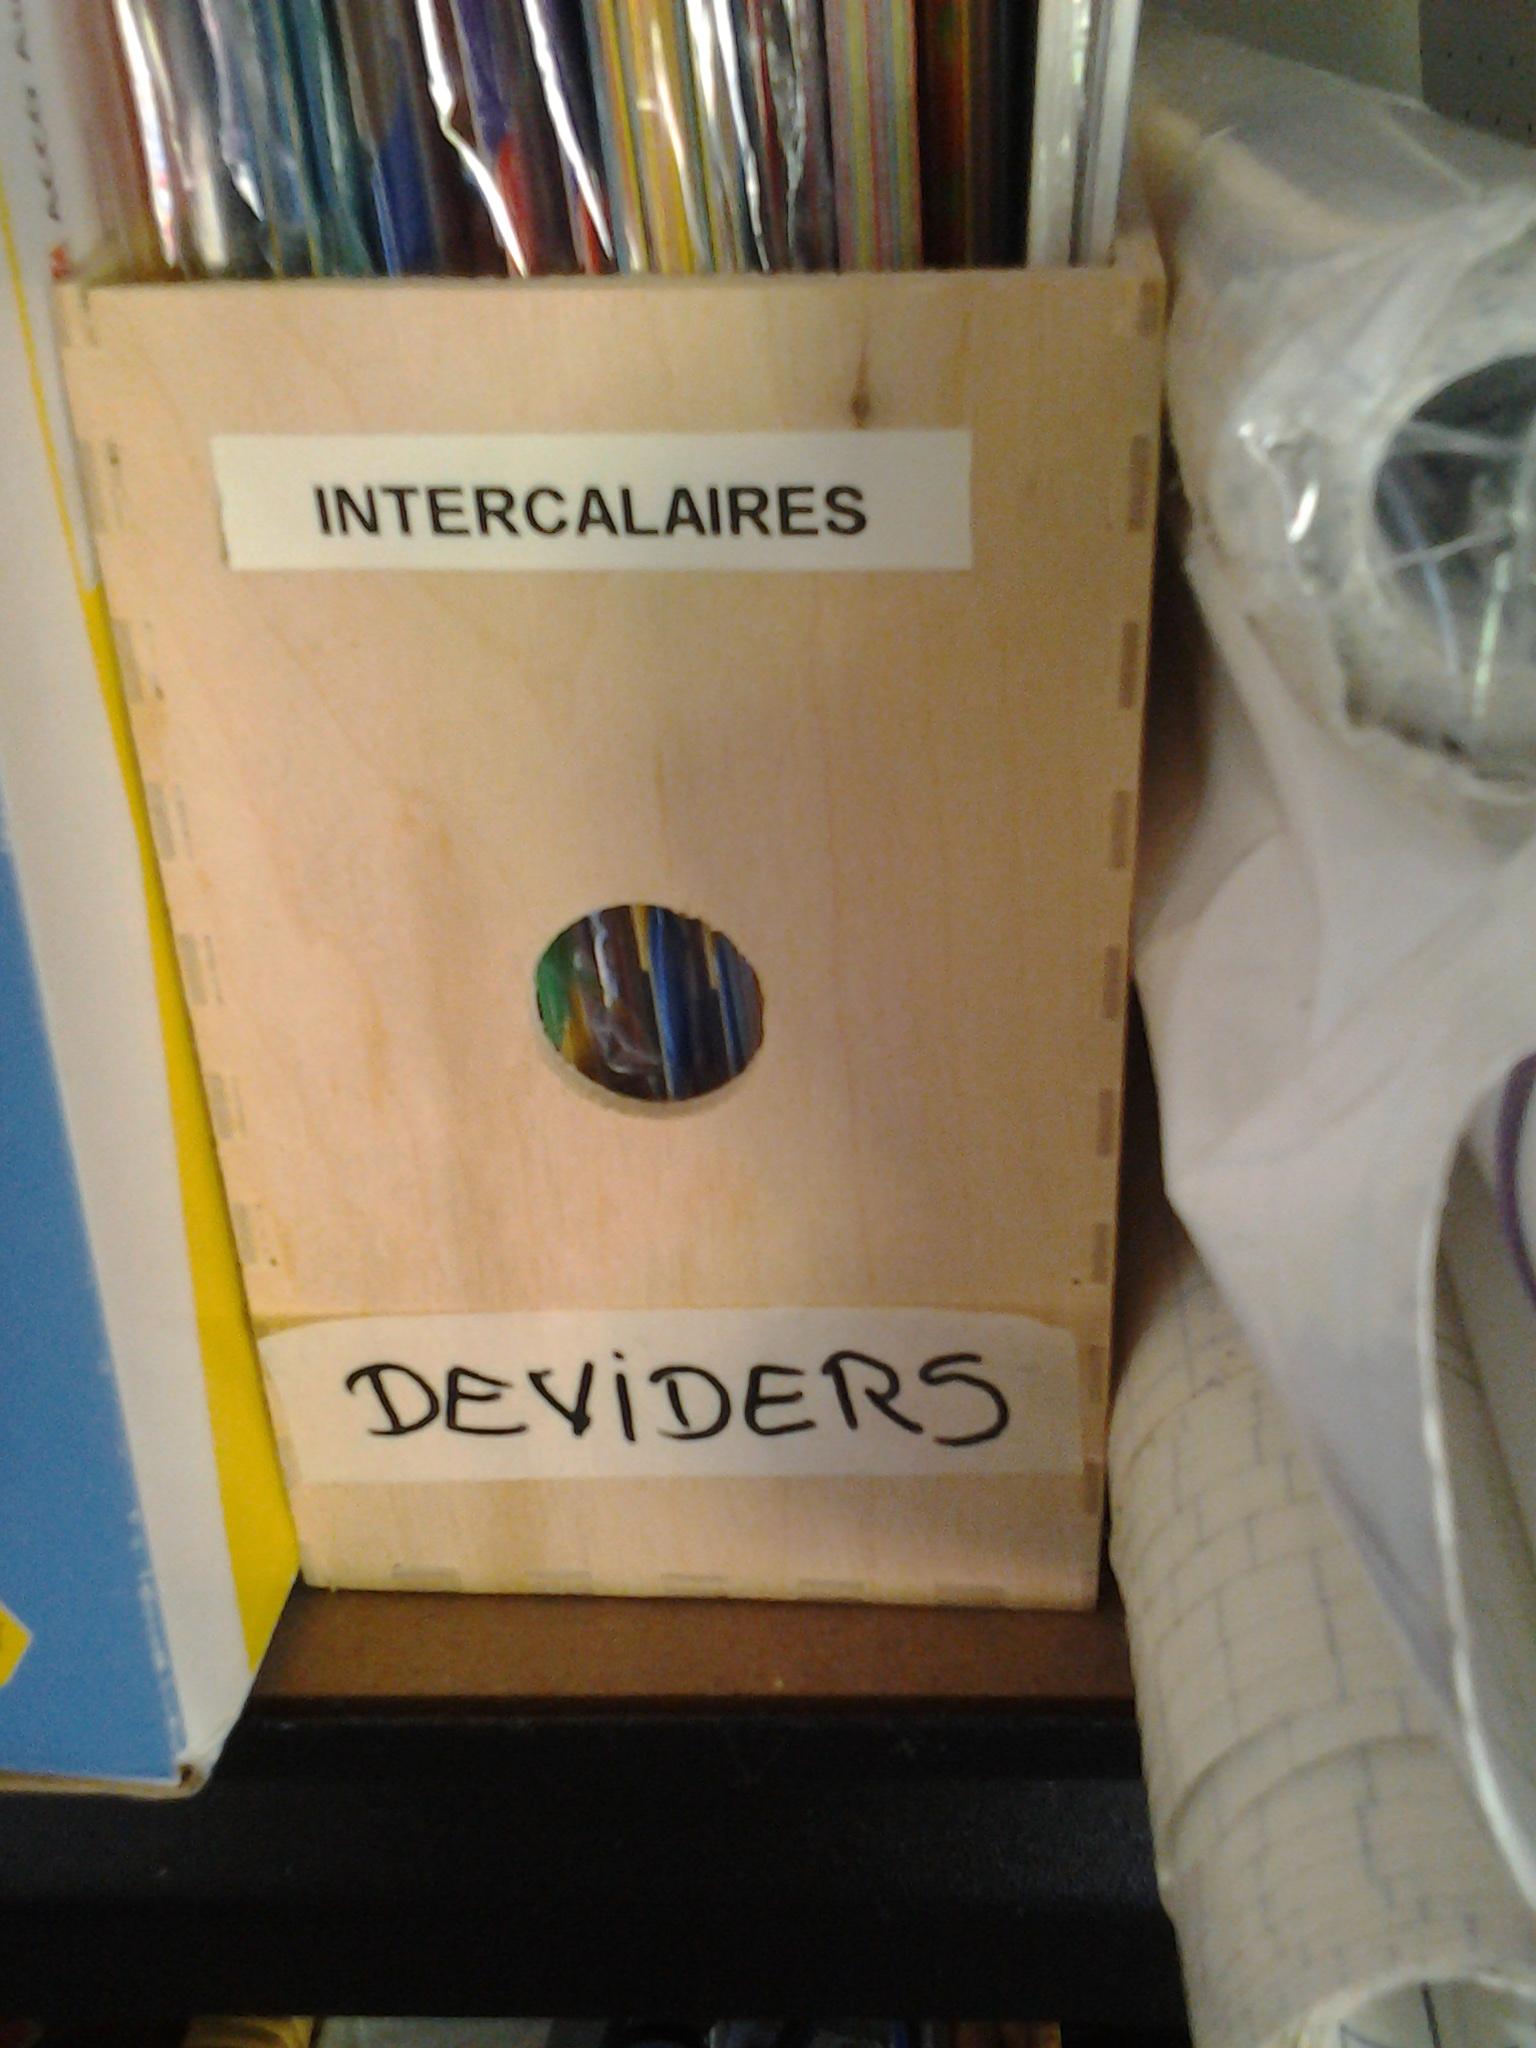 bilingual labels